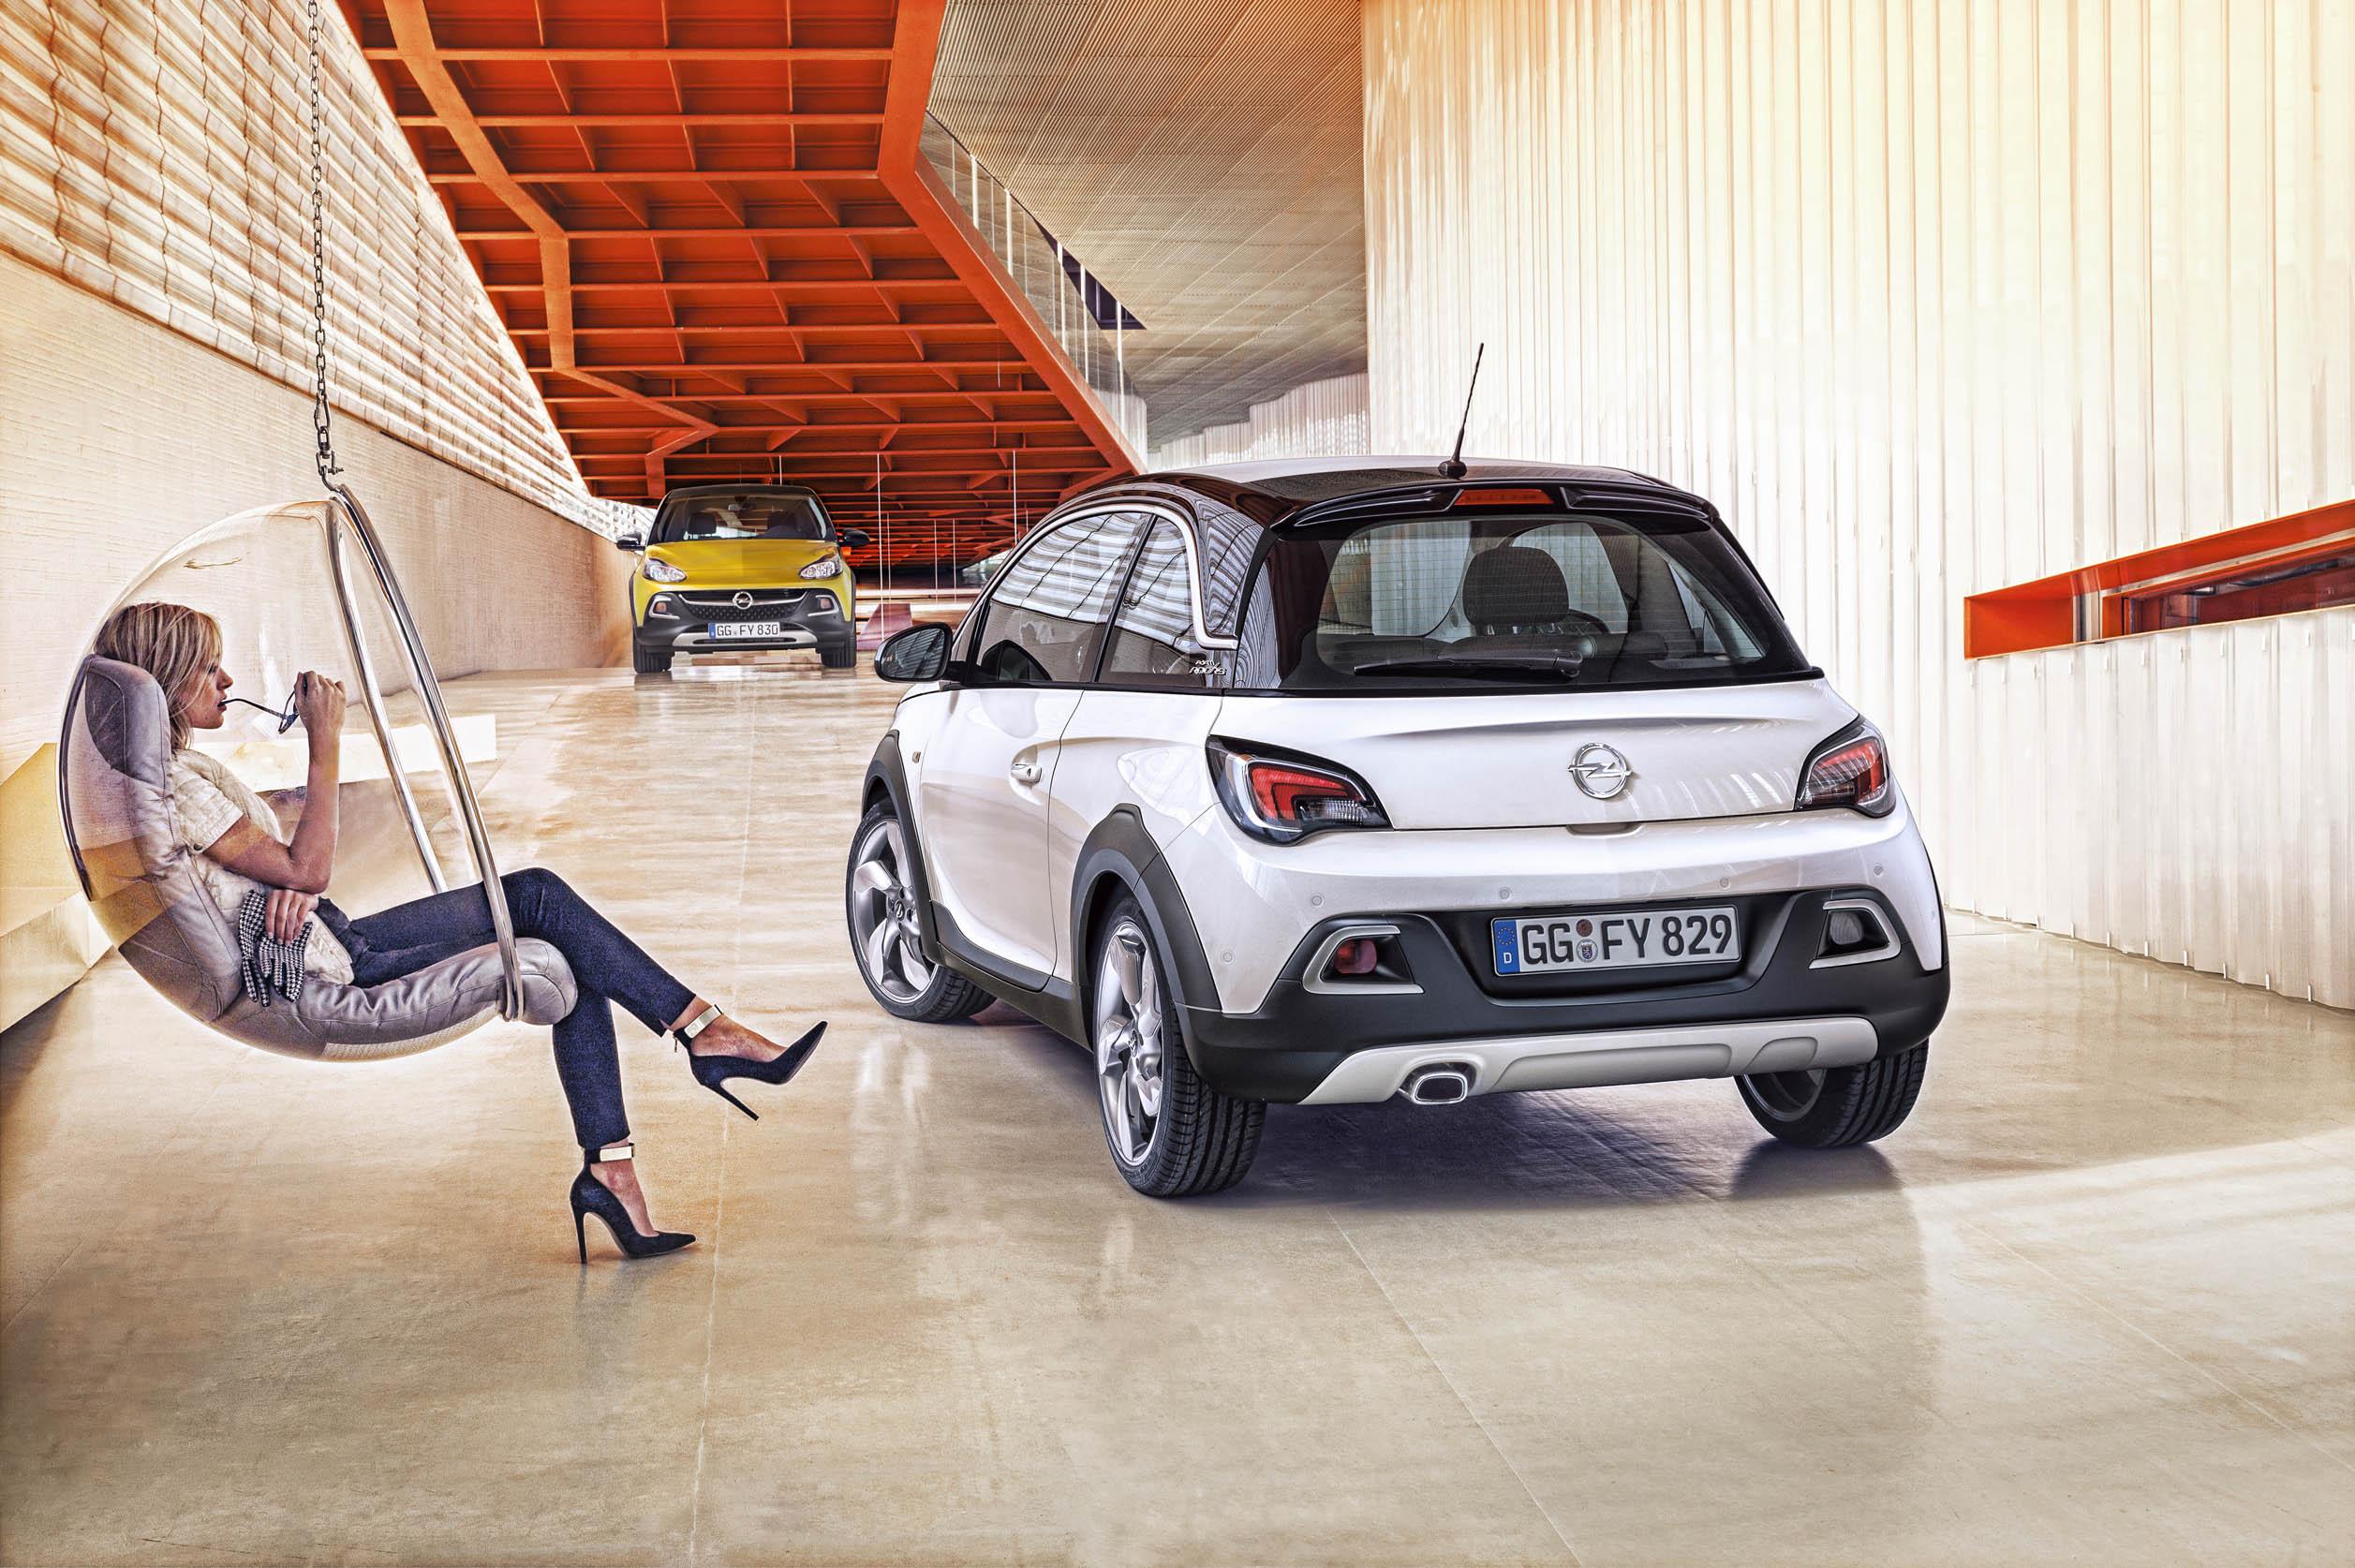 Autósvilág - Opel 2020 - A változások éve